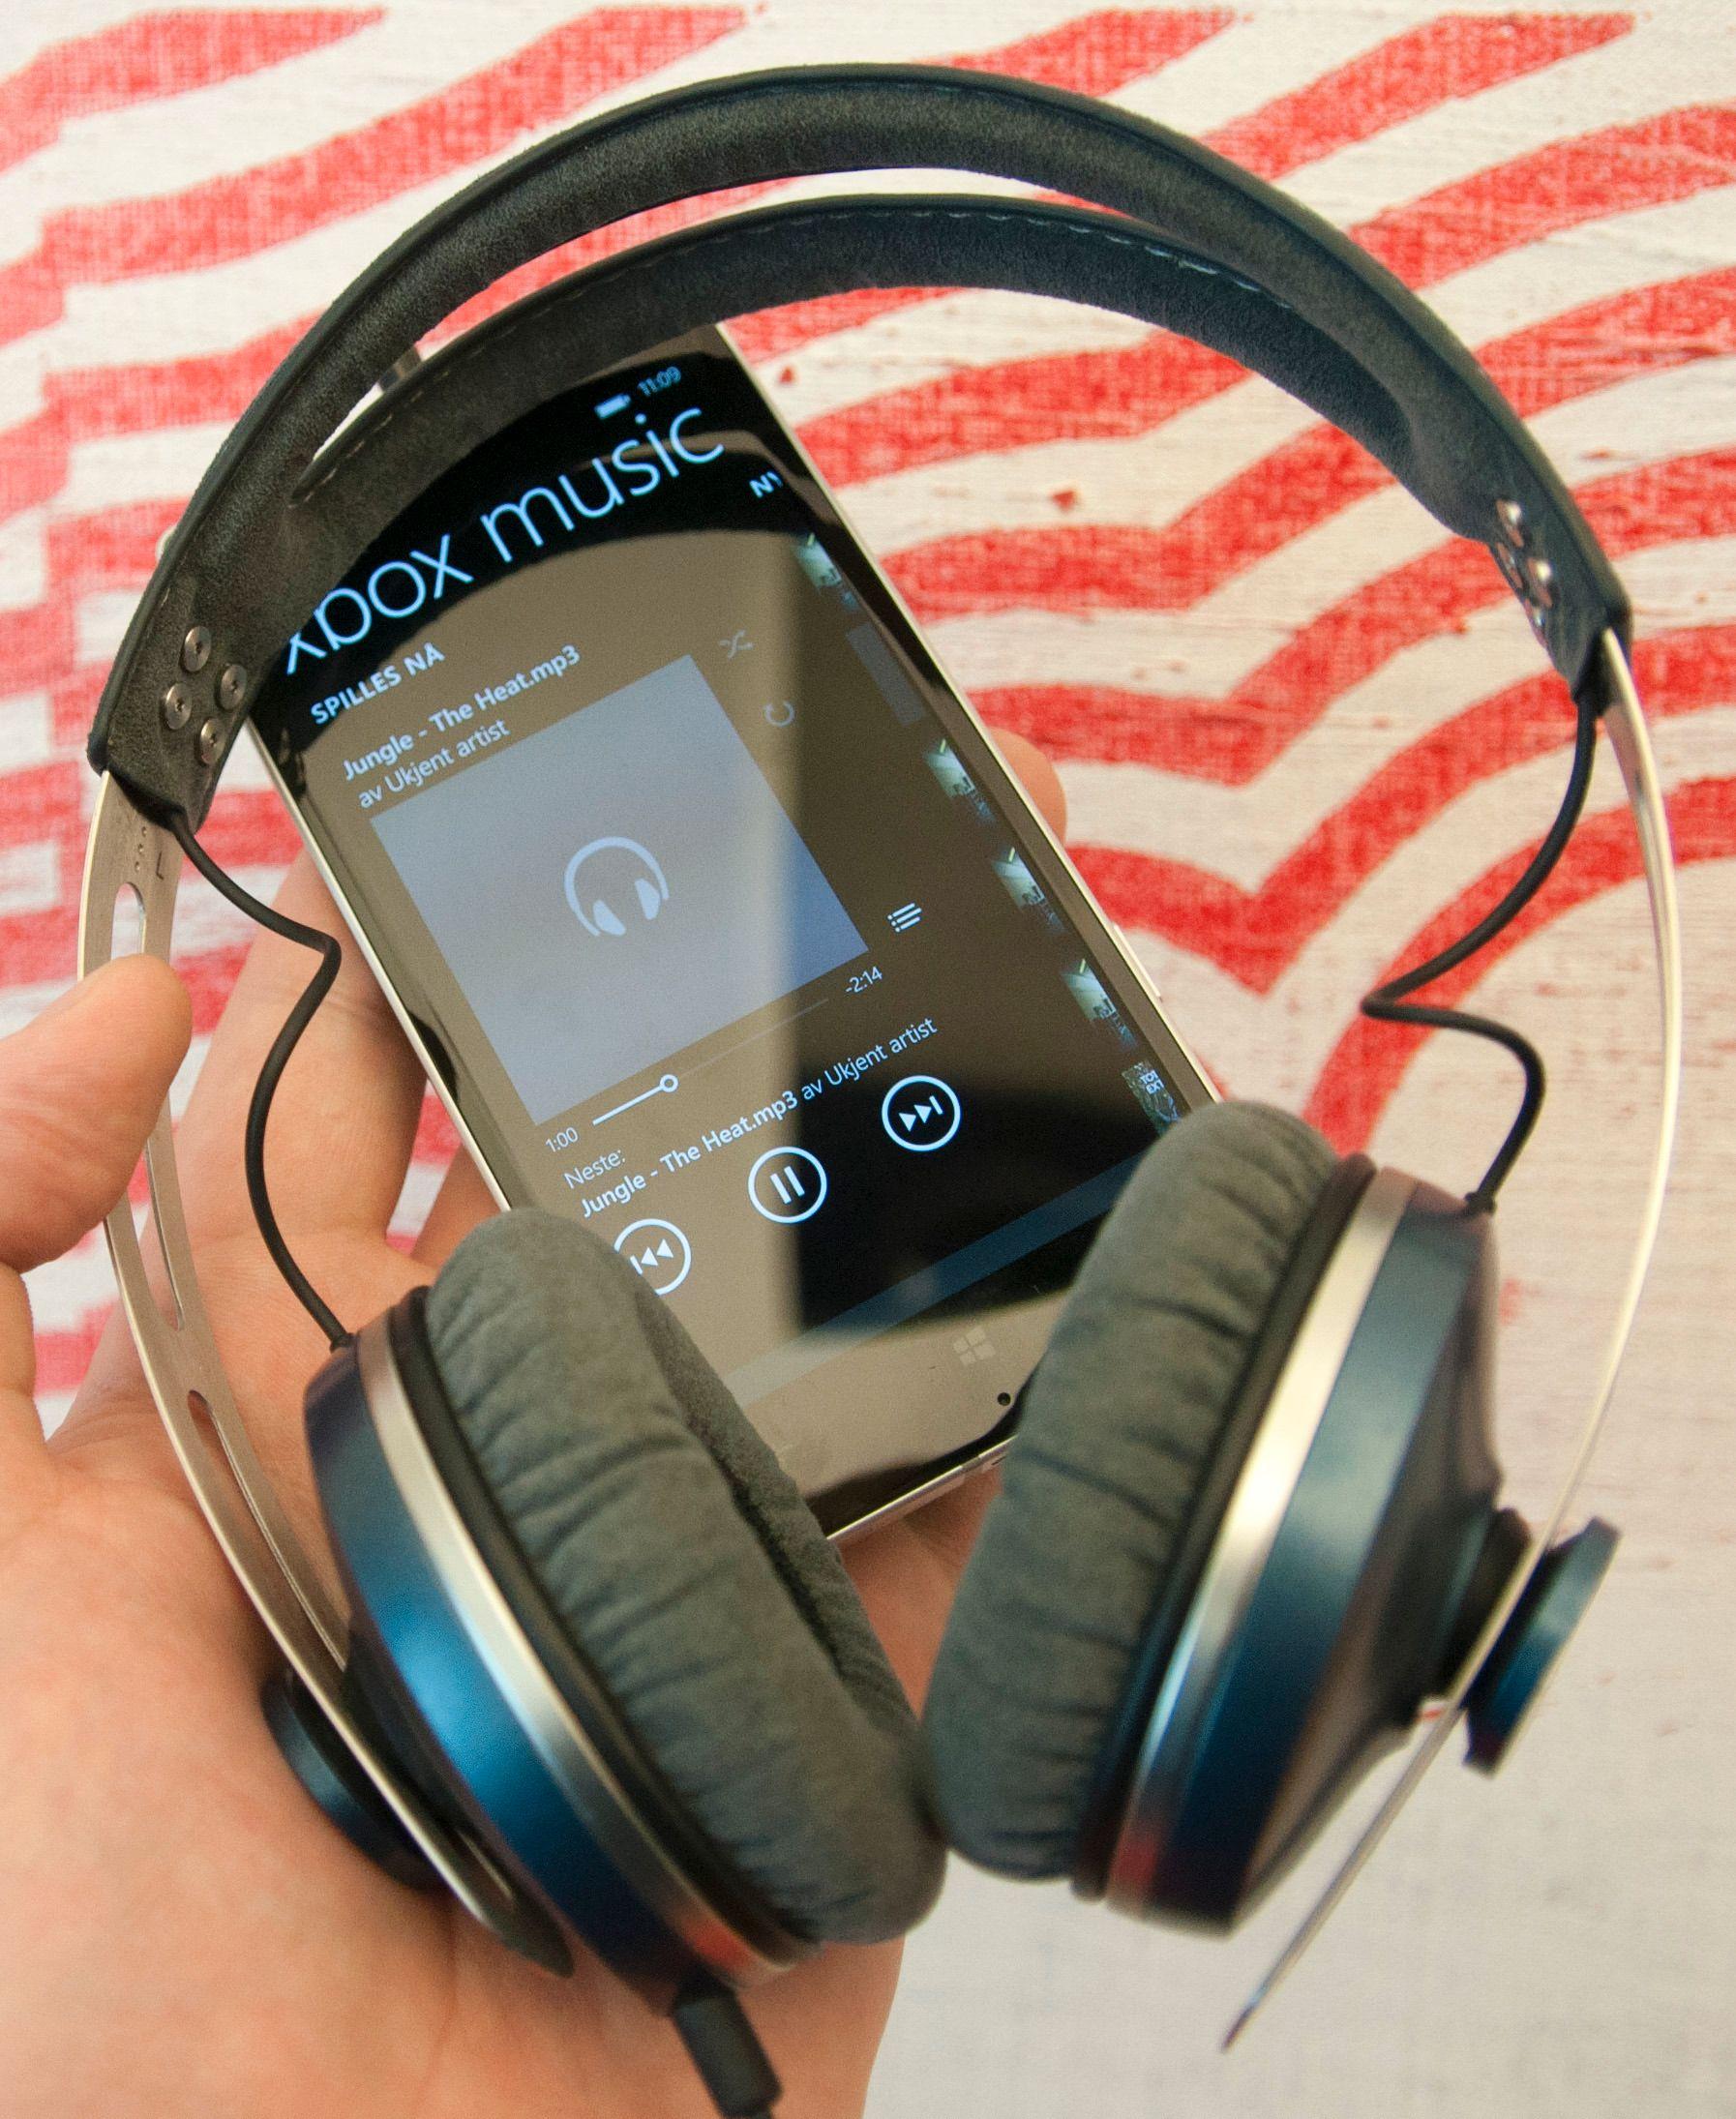 Lydkvaliteten fra Lumia 930 er svært god i kombinasjon med et godt sett hodetelefoner.Foto: Finn Jarle Kvalheim, Amobil.no